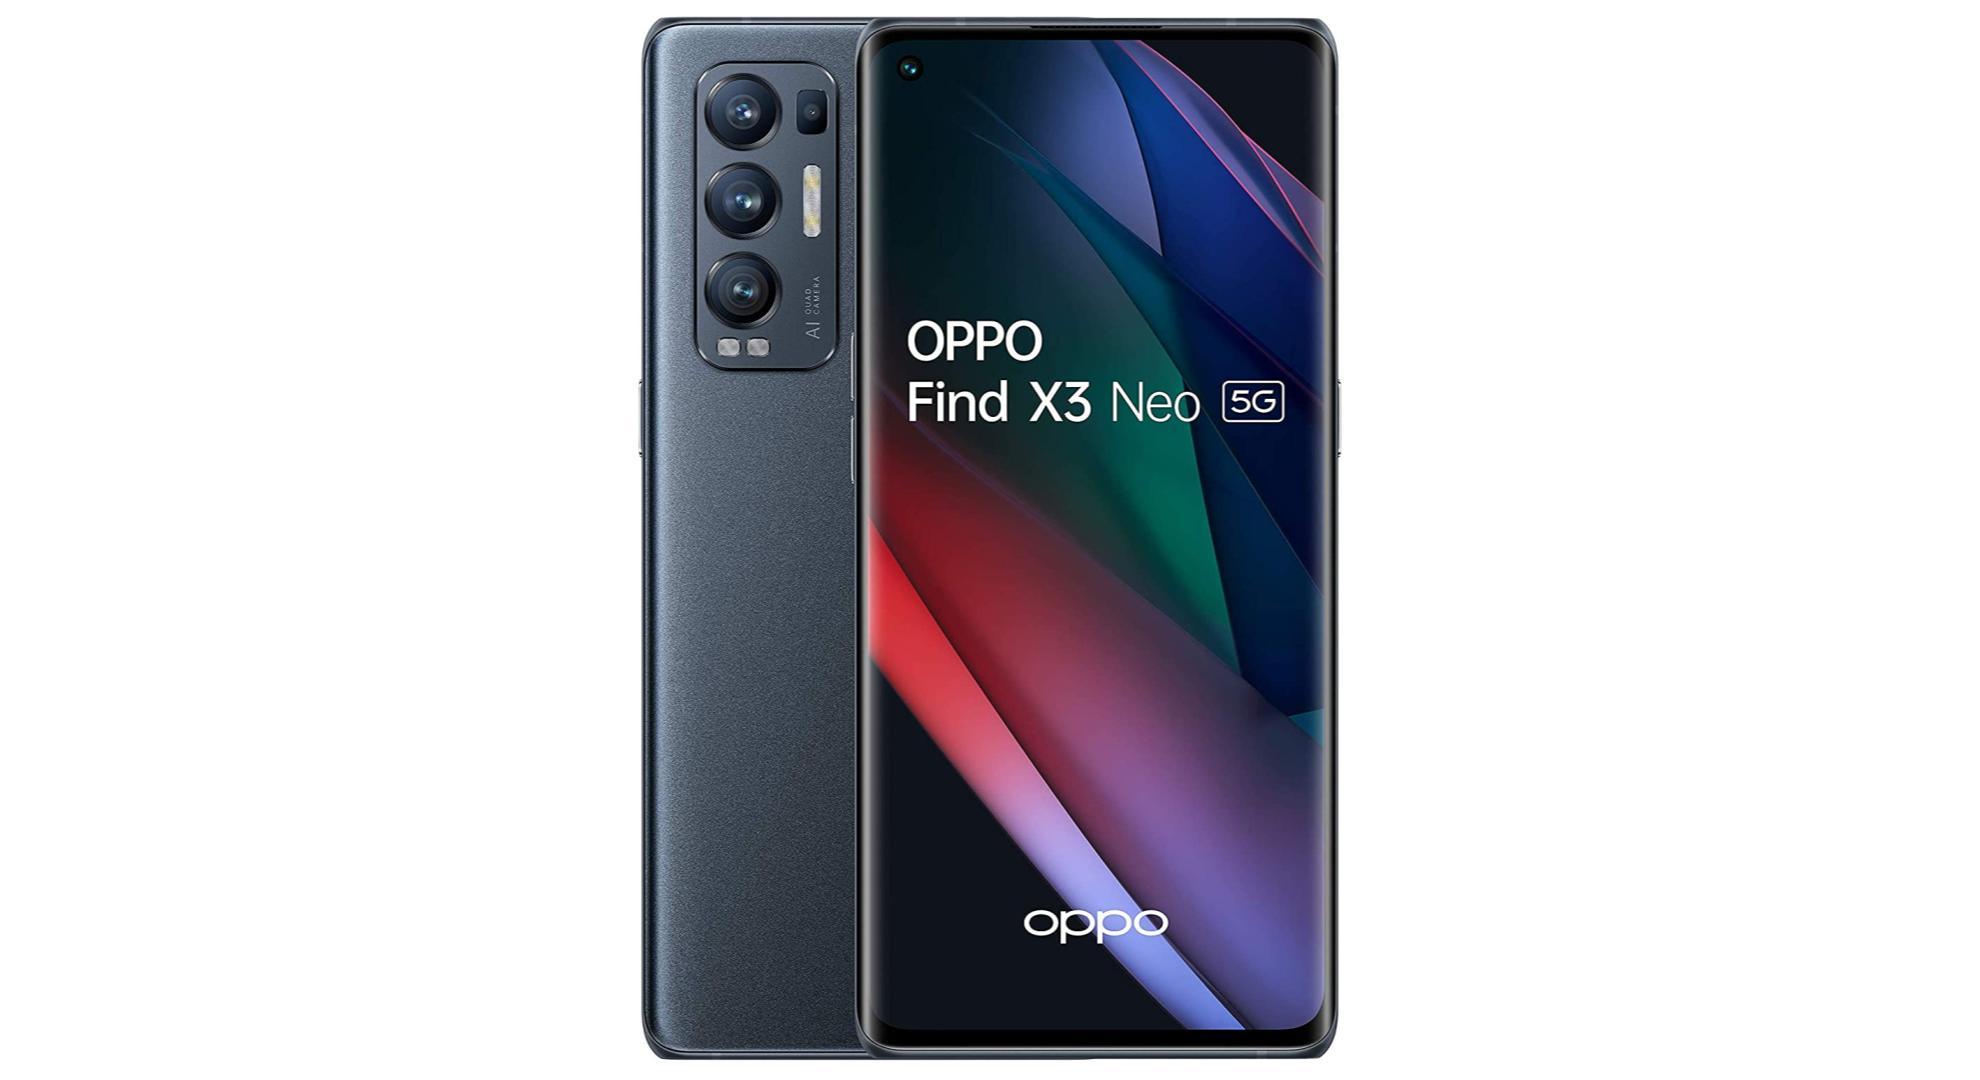 Le tout récent Oppo Find X3 Neo bénéficie déjà d'une réduction de 130 €